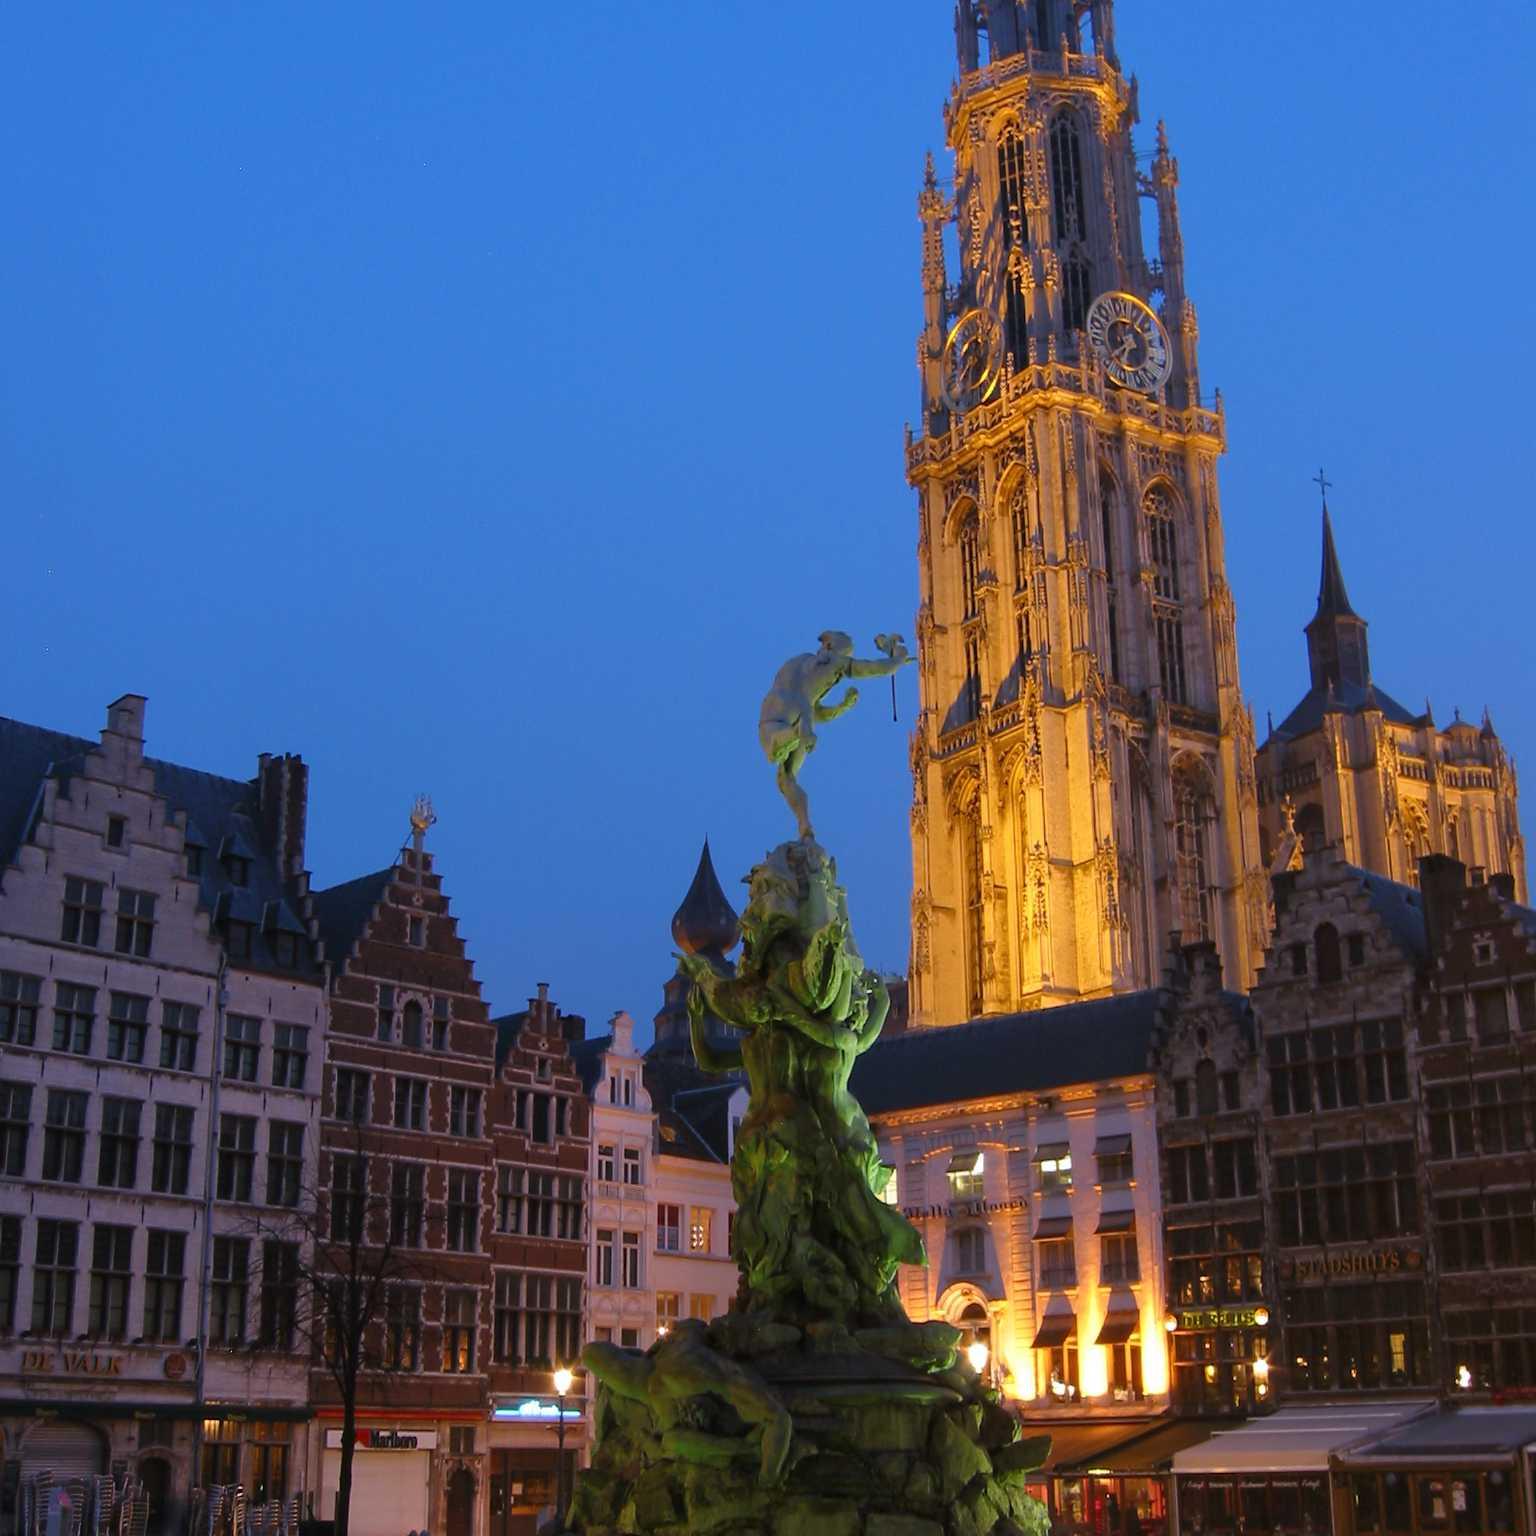 """Βέλγιο: Ταξιδεύουμε στην """"πόλη των διαμαντιών"""" και ανακαλύπτουμε το πανέμορφο ιστορικό της κέντρο..."""